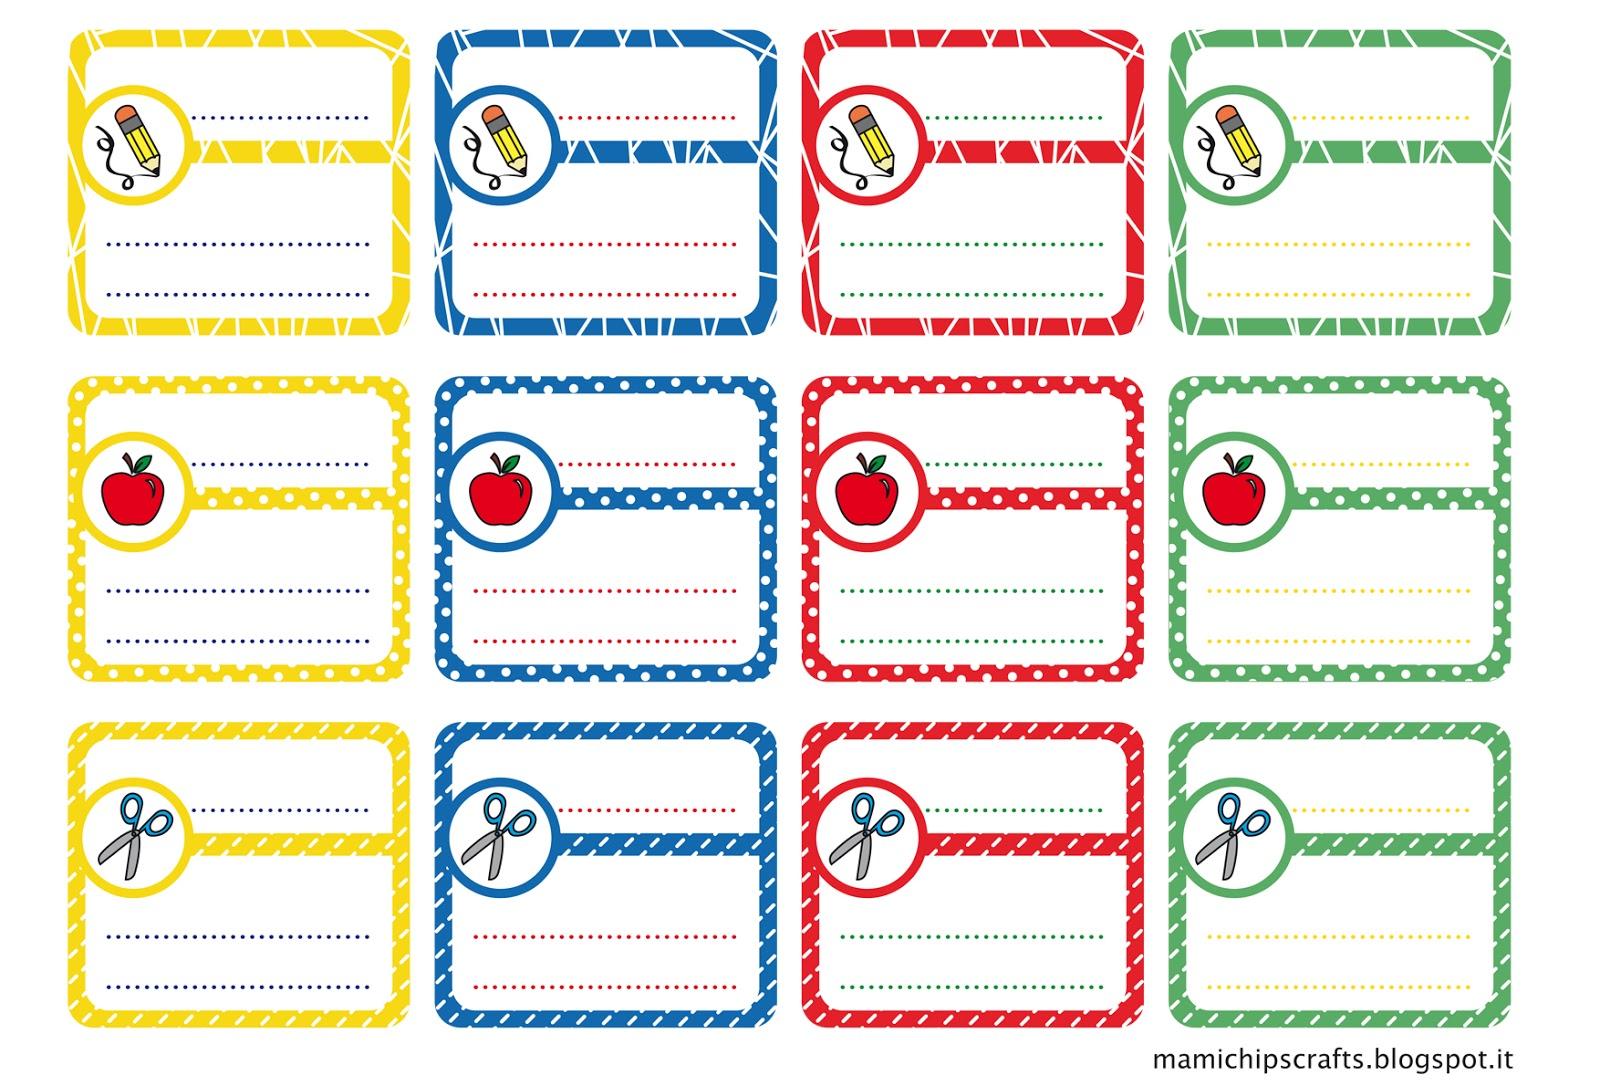 Eccezionale mami chips & crafts: Etichette per la scuola personalizzate SG46